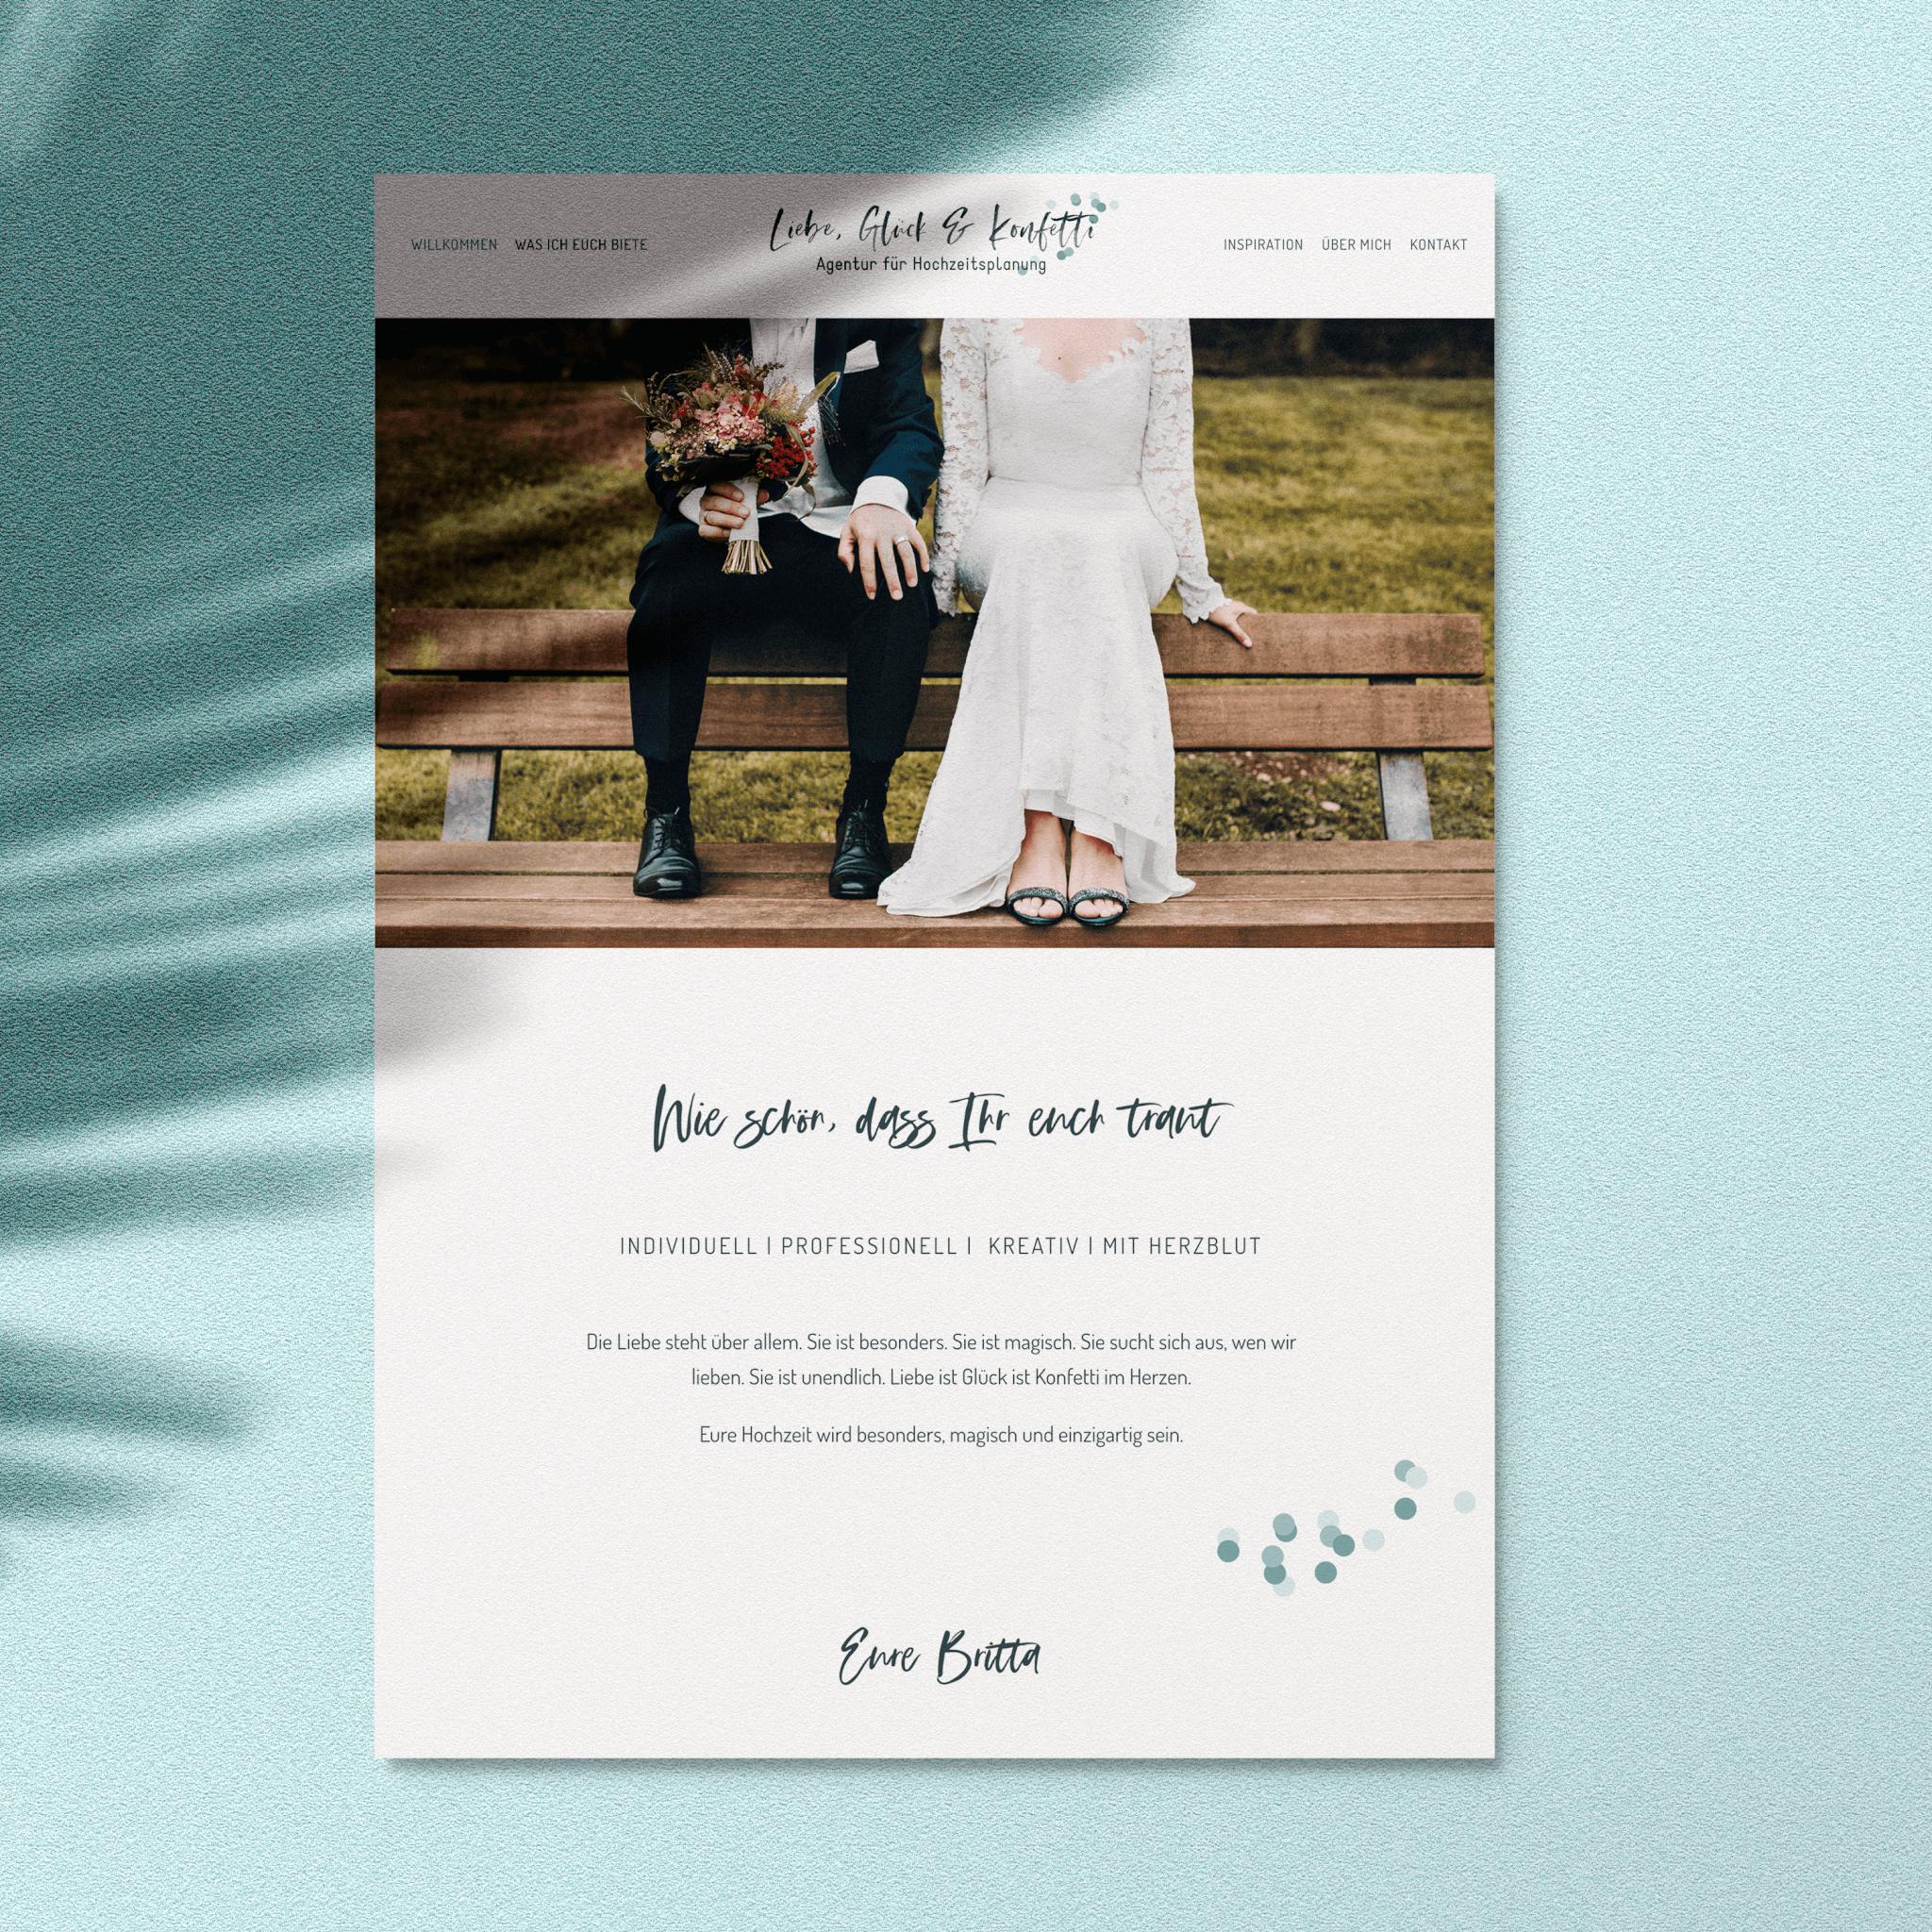 Liebe, Glück & Konfetti – Die Hochzeitsagentur